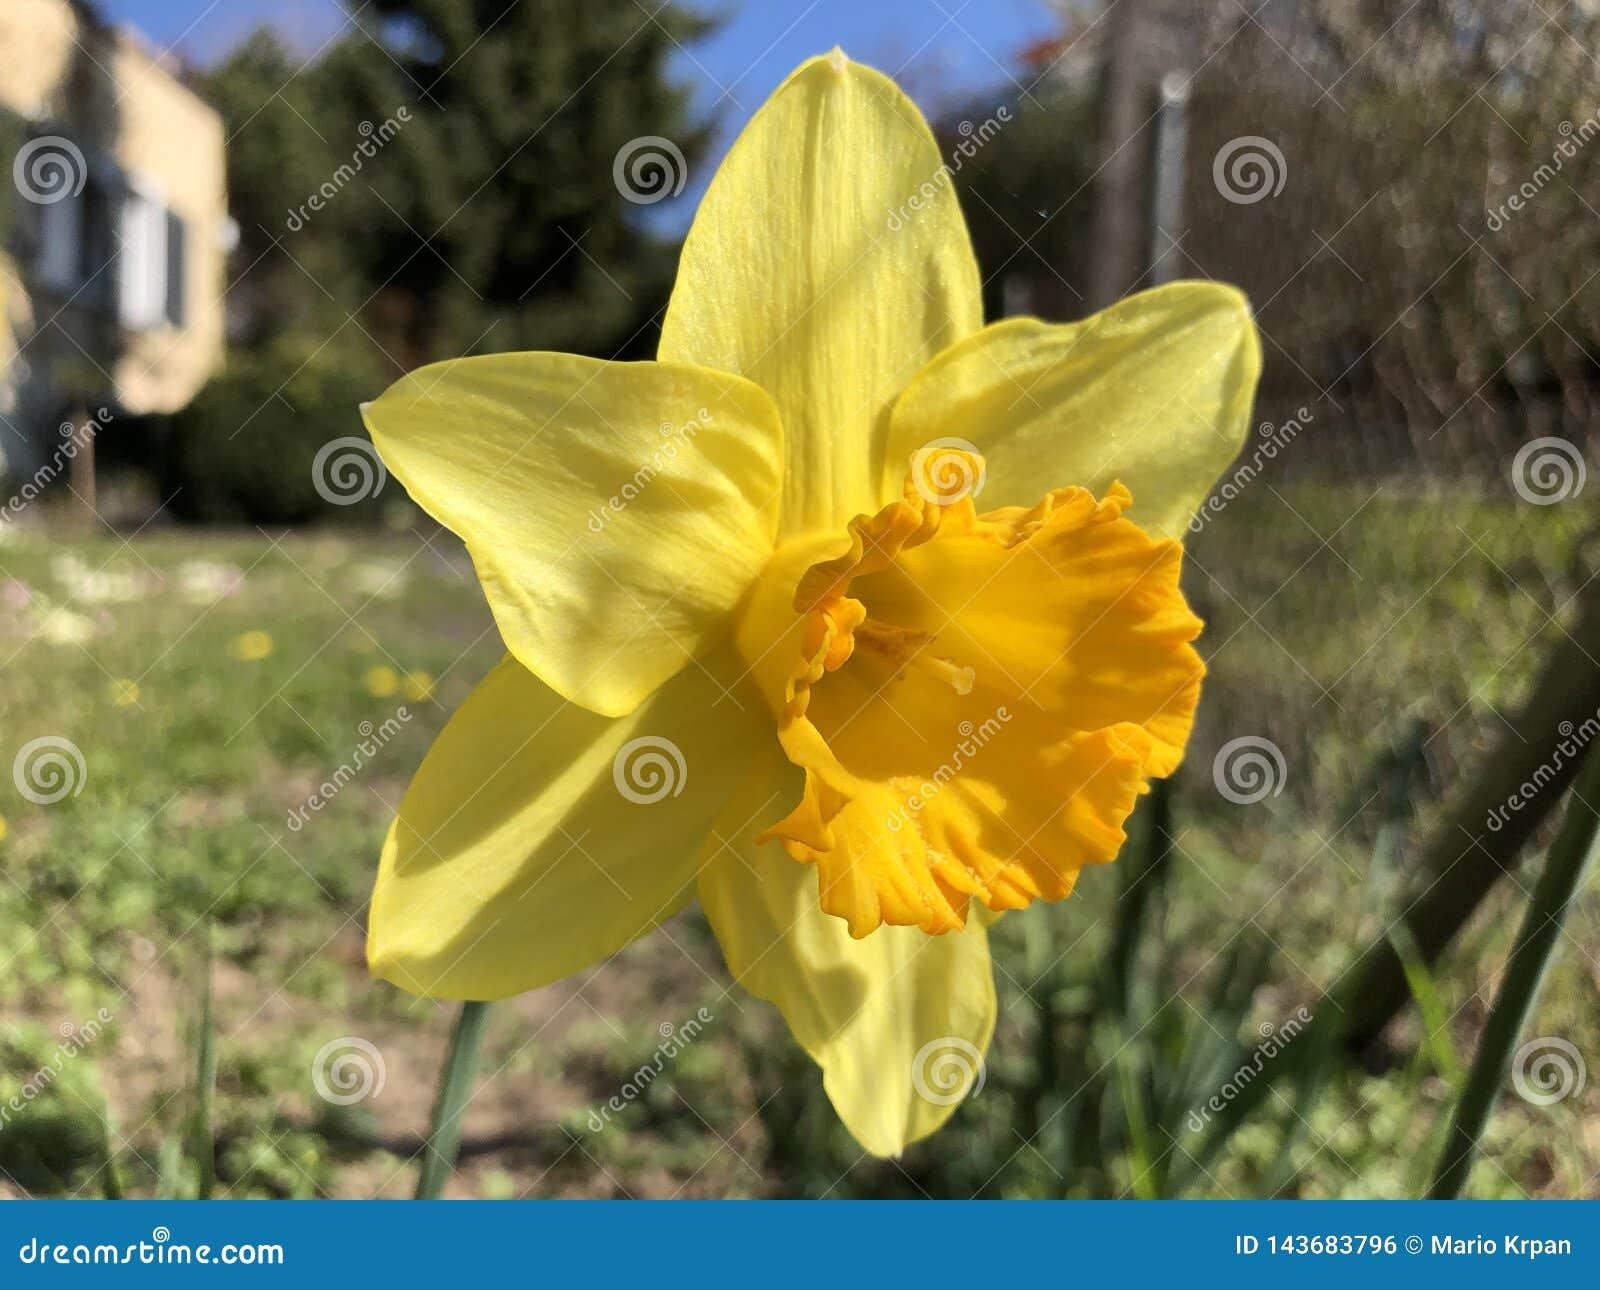 Lös påsklilja eller lånad liljapingstliljapseudonarcissus, Gelbe Narzisse, Osterglocke oder Osterglöckchen